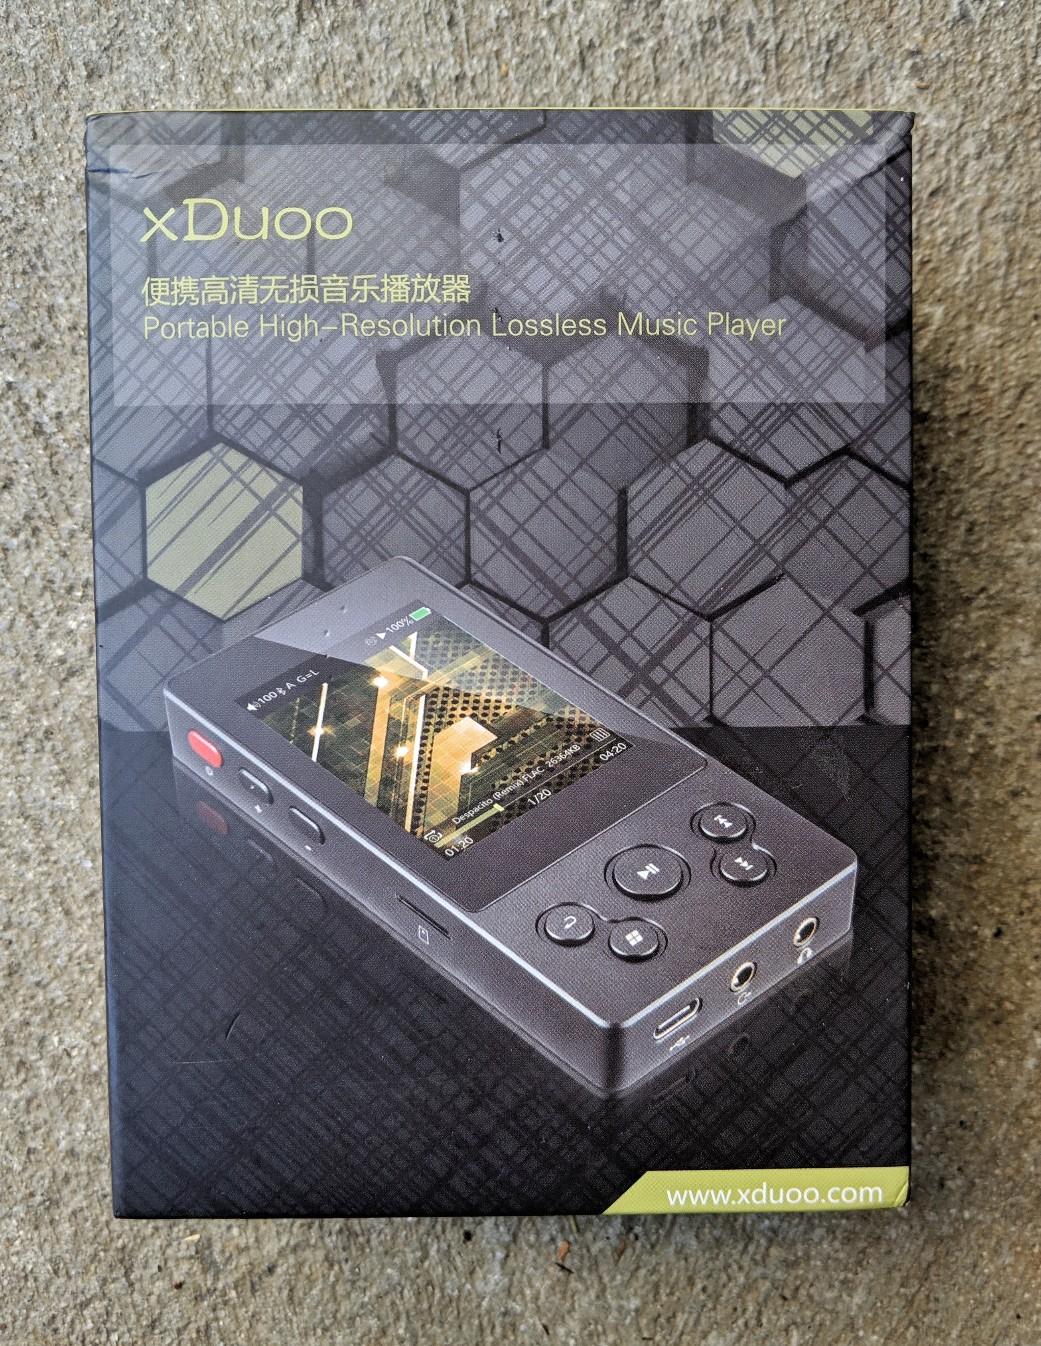 Xduoo X3 box